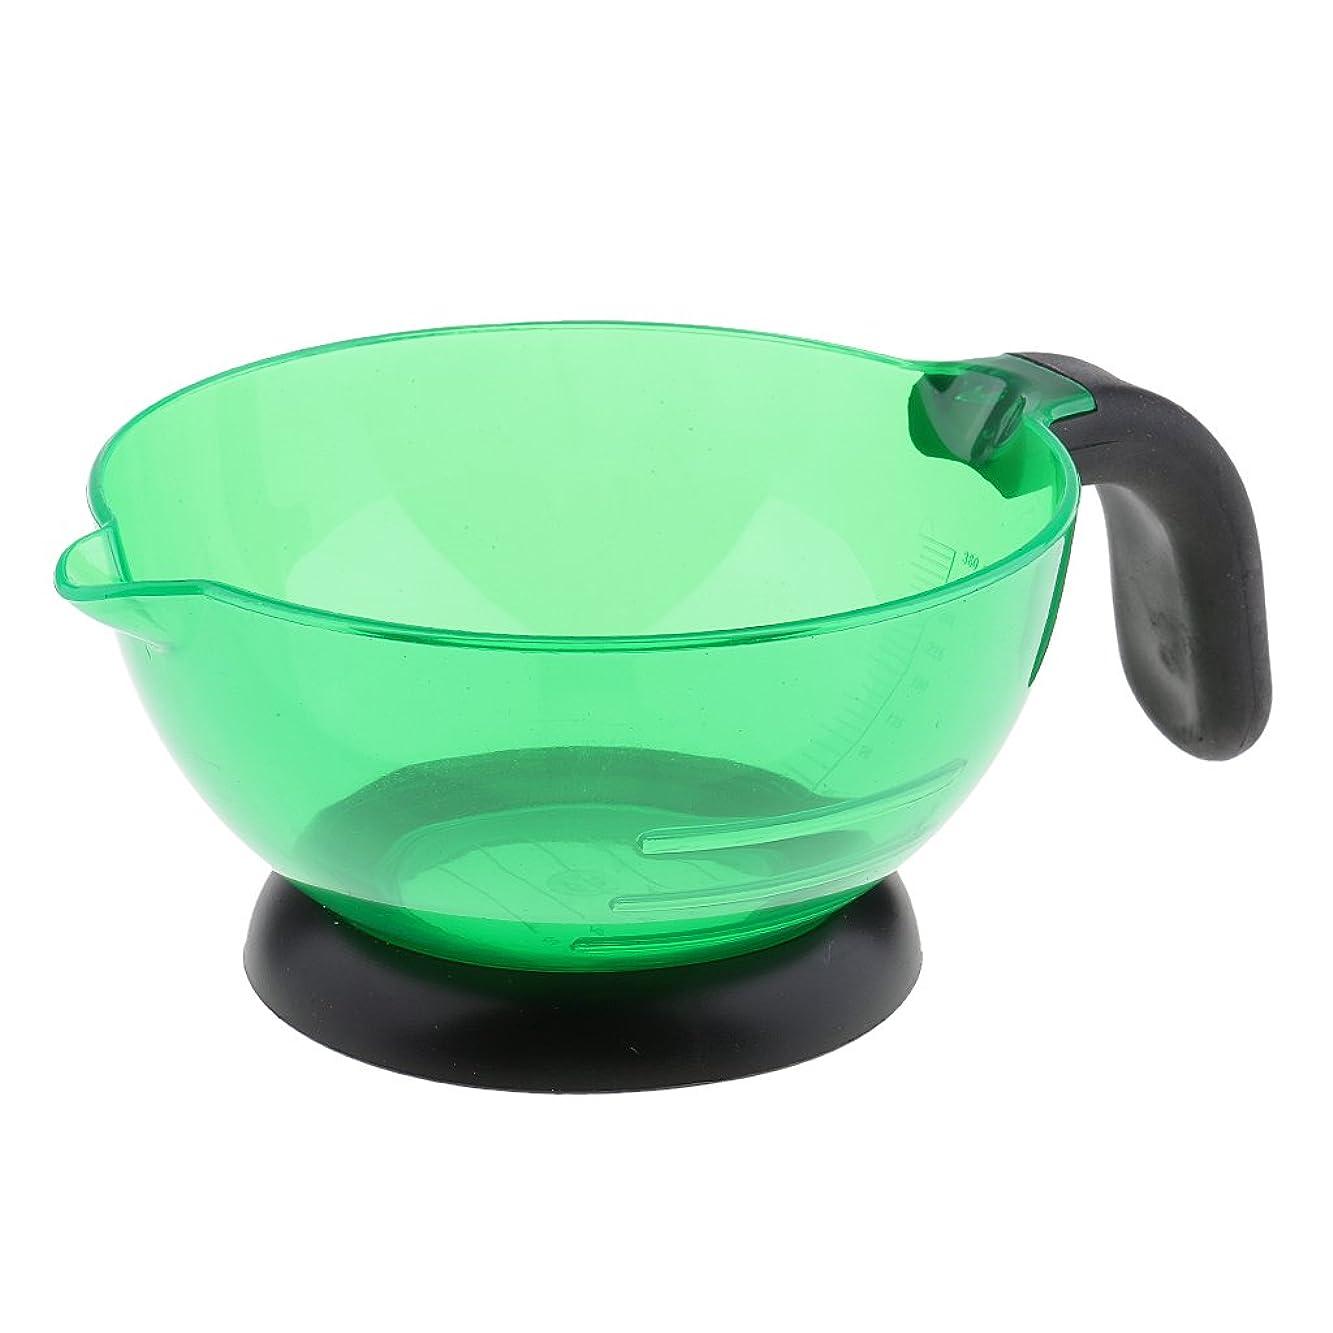 旧正月わずかに川Baosity 全3色選べ 高品質 シリコン 多機能 美容室/サロン 染剤ボウル ヘアカラー 染め用具  - 緑